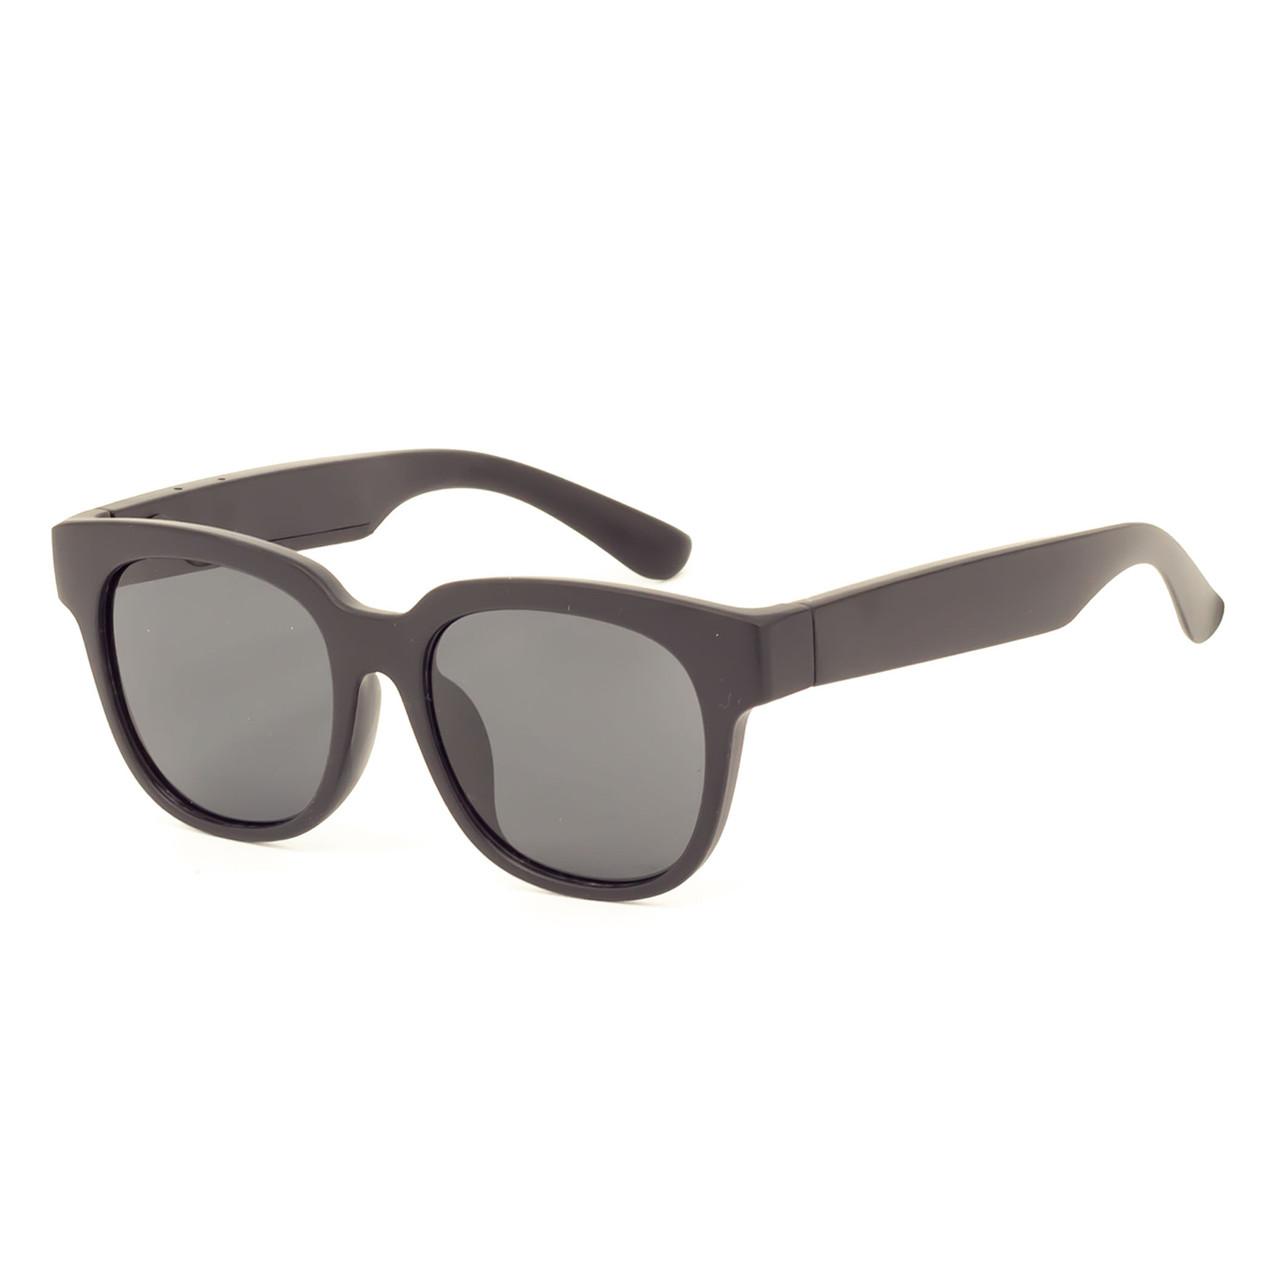 Сонцезахисні окуляри Marmilen Polar 120810 Anti Sleep чорні ( PL120810-01 )